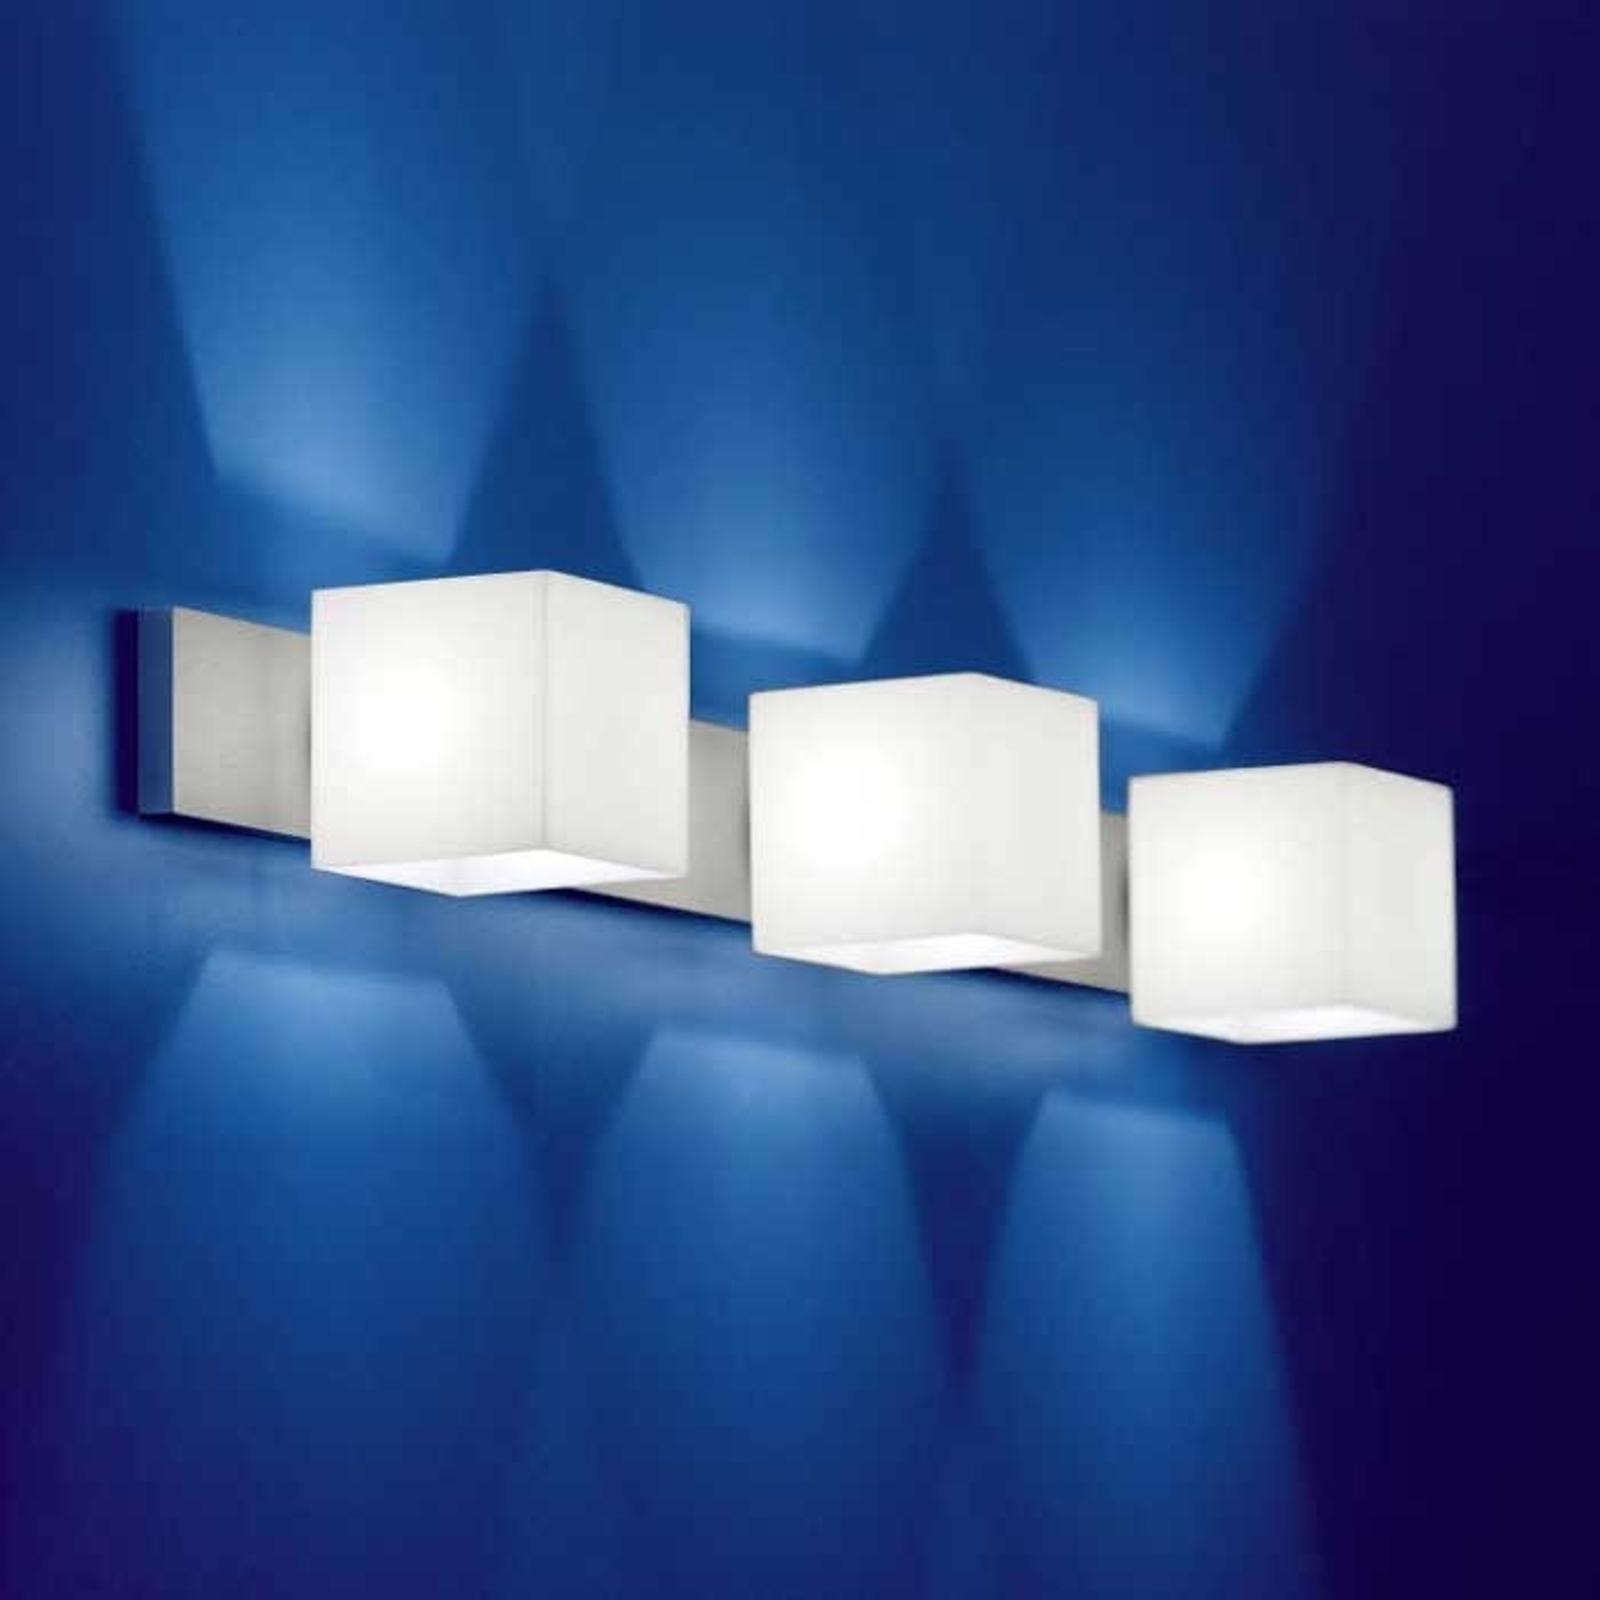 Vägglampa CUBE med bländskydd, 3 ljuskällor